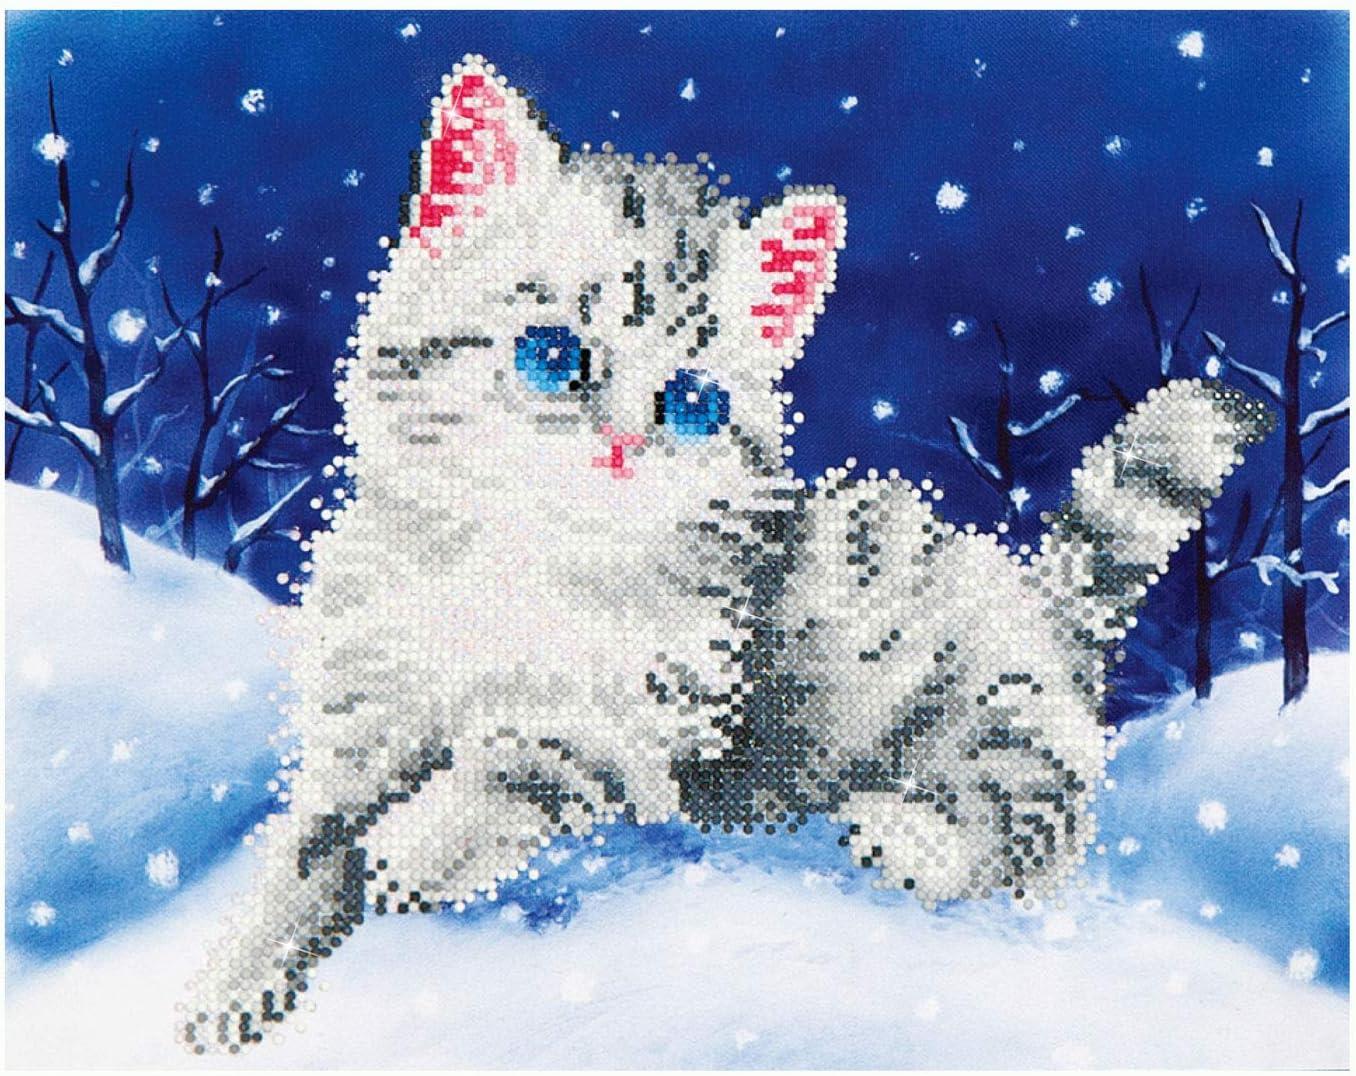 ca Diamond Dotz Katze im Schnee funkelndes Diamantbild zum Selbstgestalten Malen mit Diamanten neuer und kreativer Basteltrend Pracht Creatives Hobby DD5-006 35,5 x 27,9 cm gro/ß